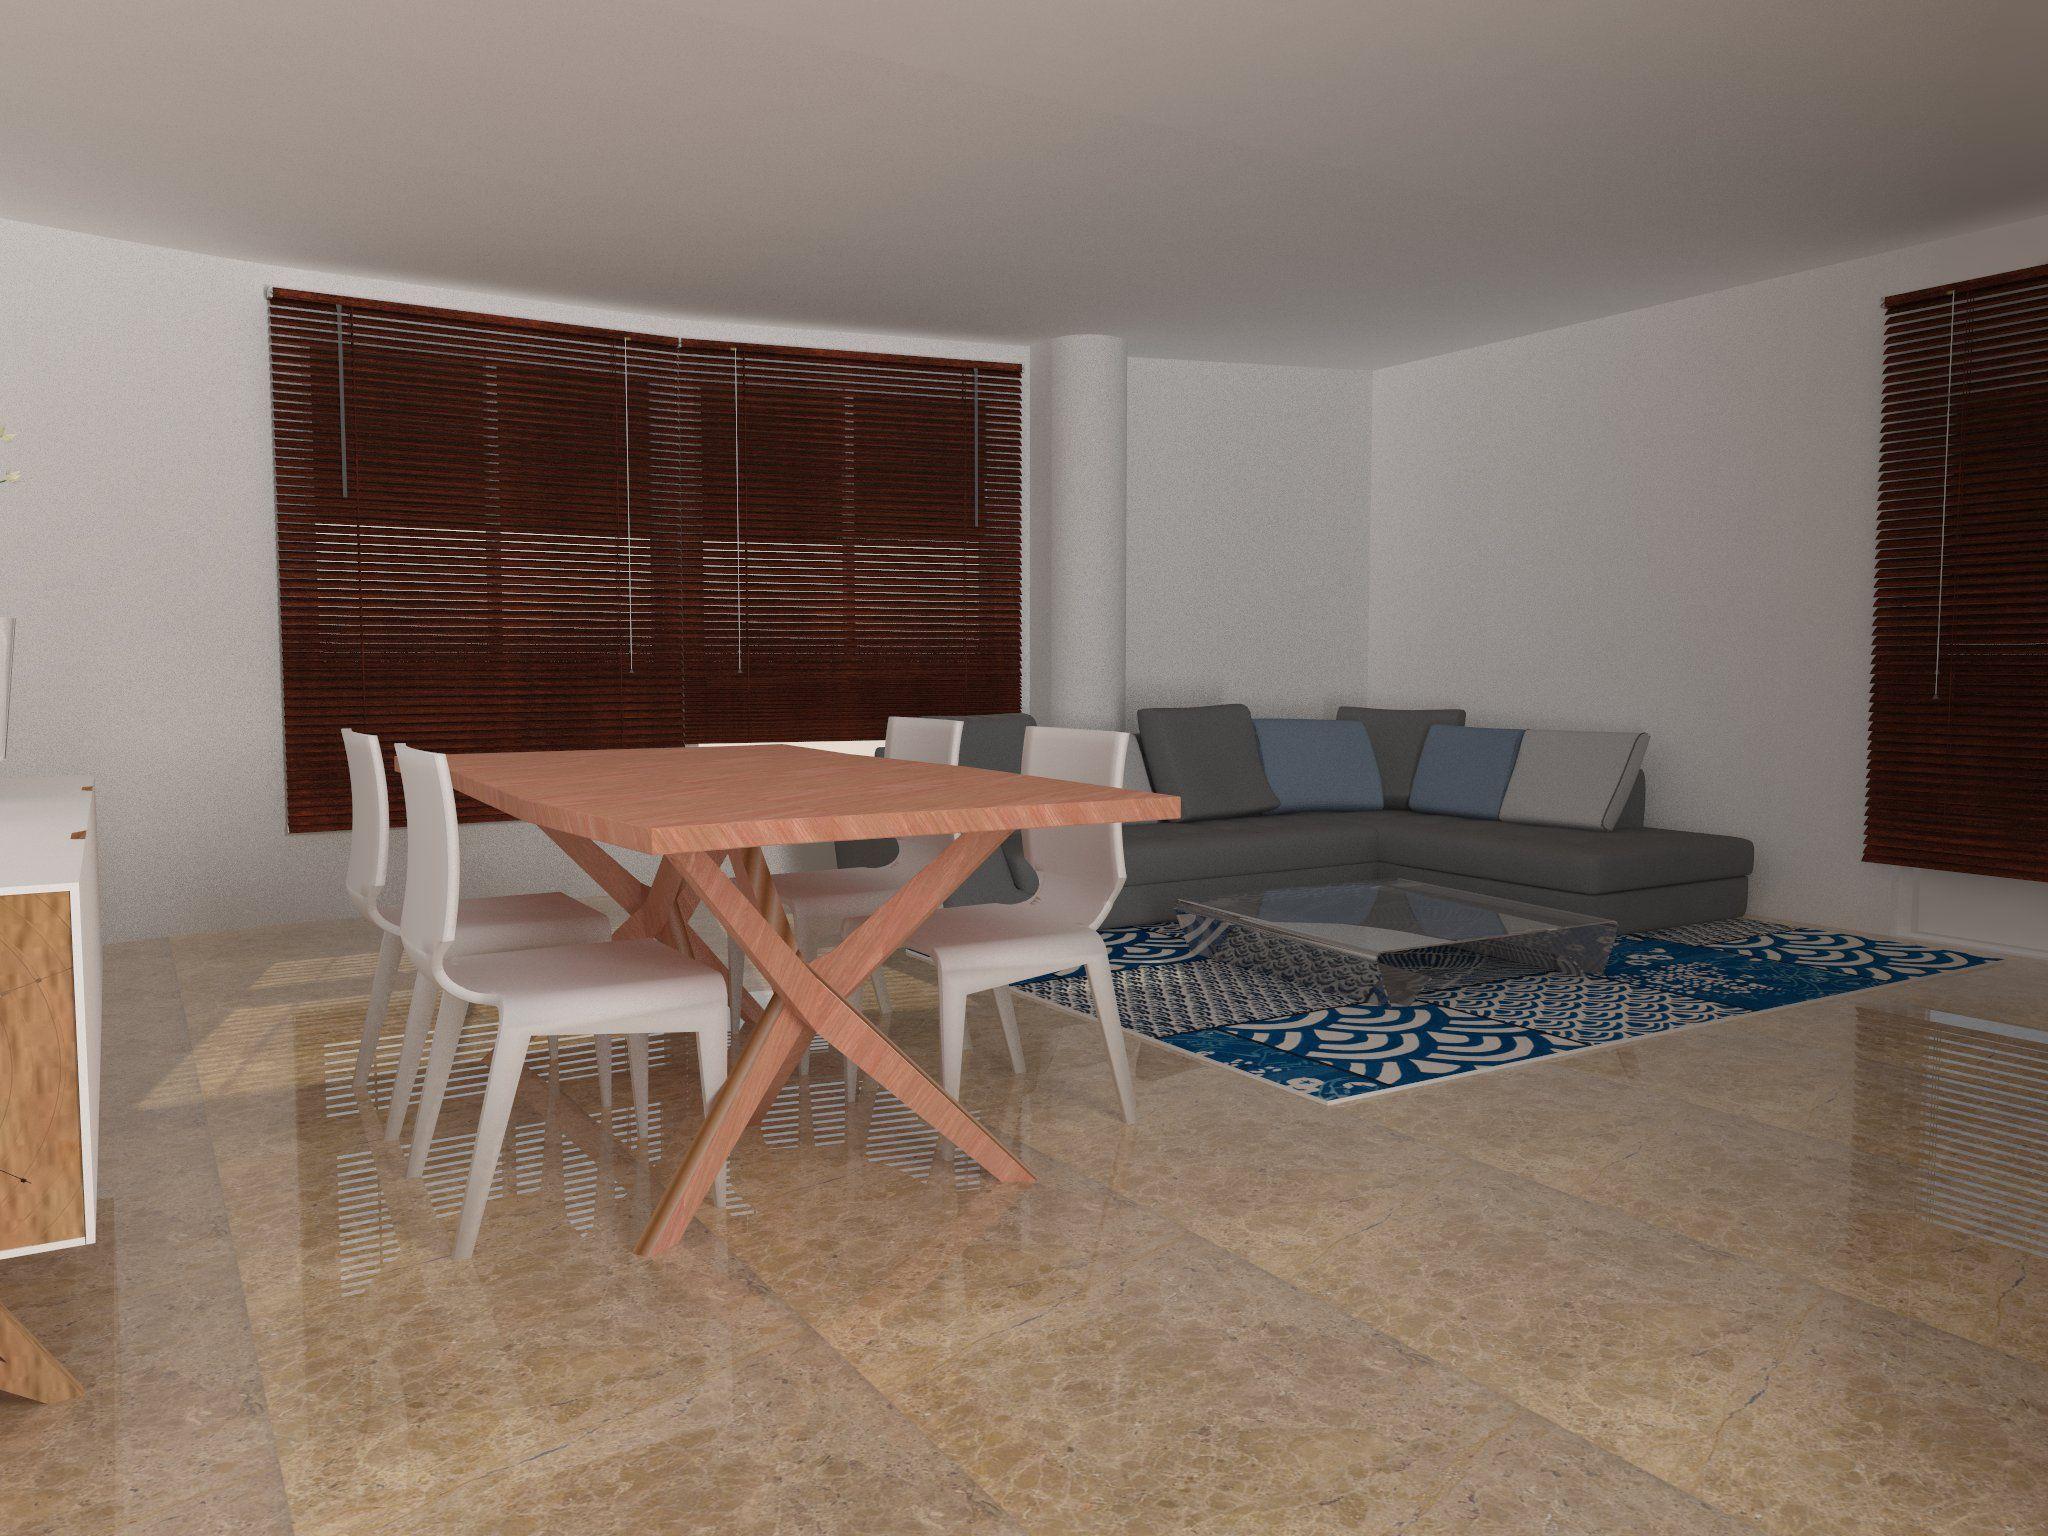 Bobois Mobili ~ Roche bobois valencia sofa urban mesa jane projectos para